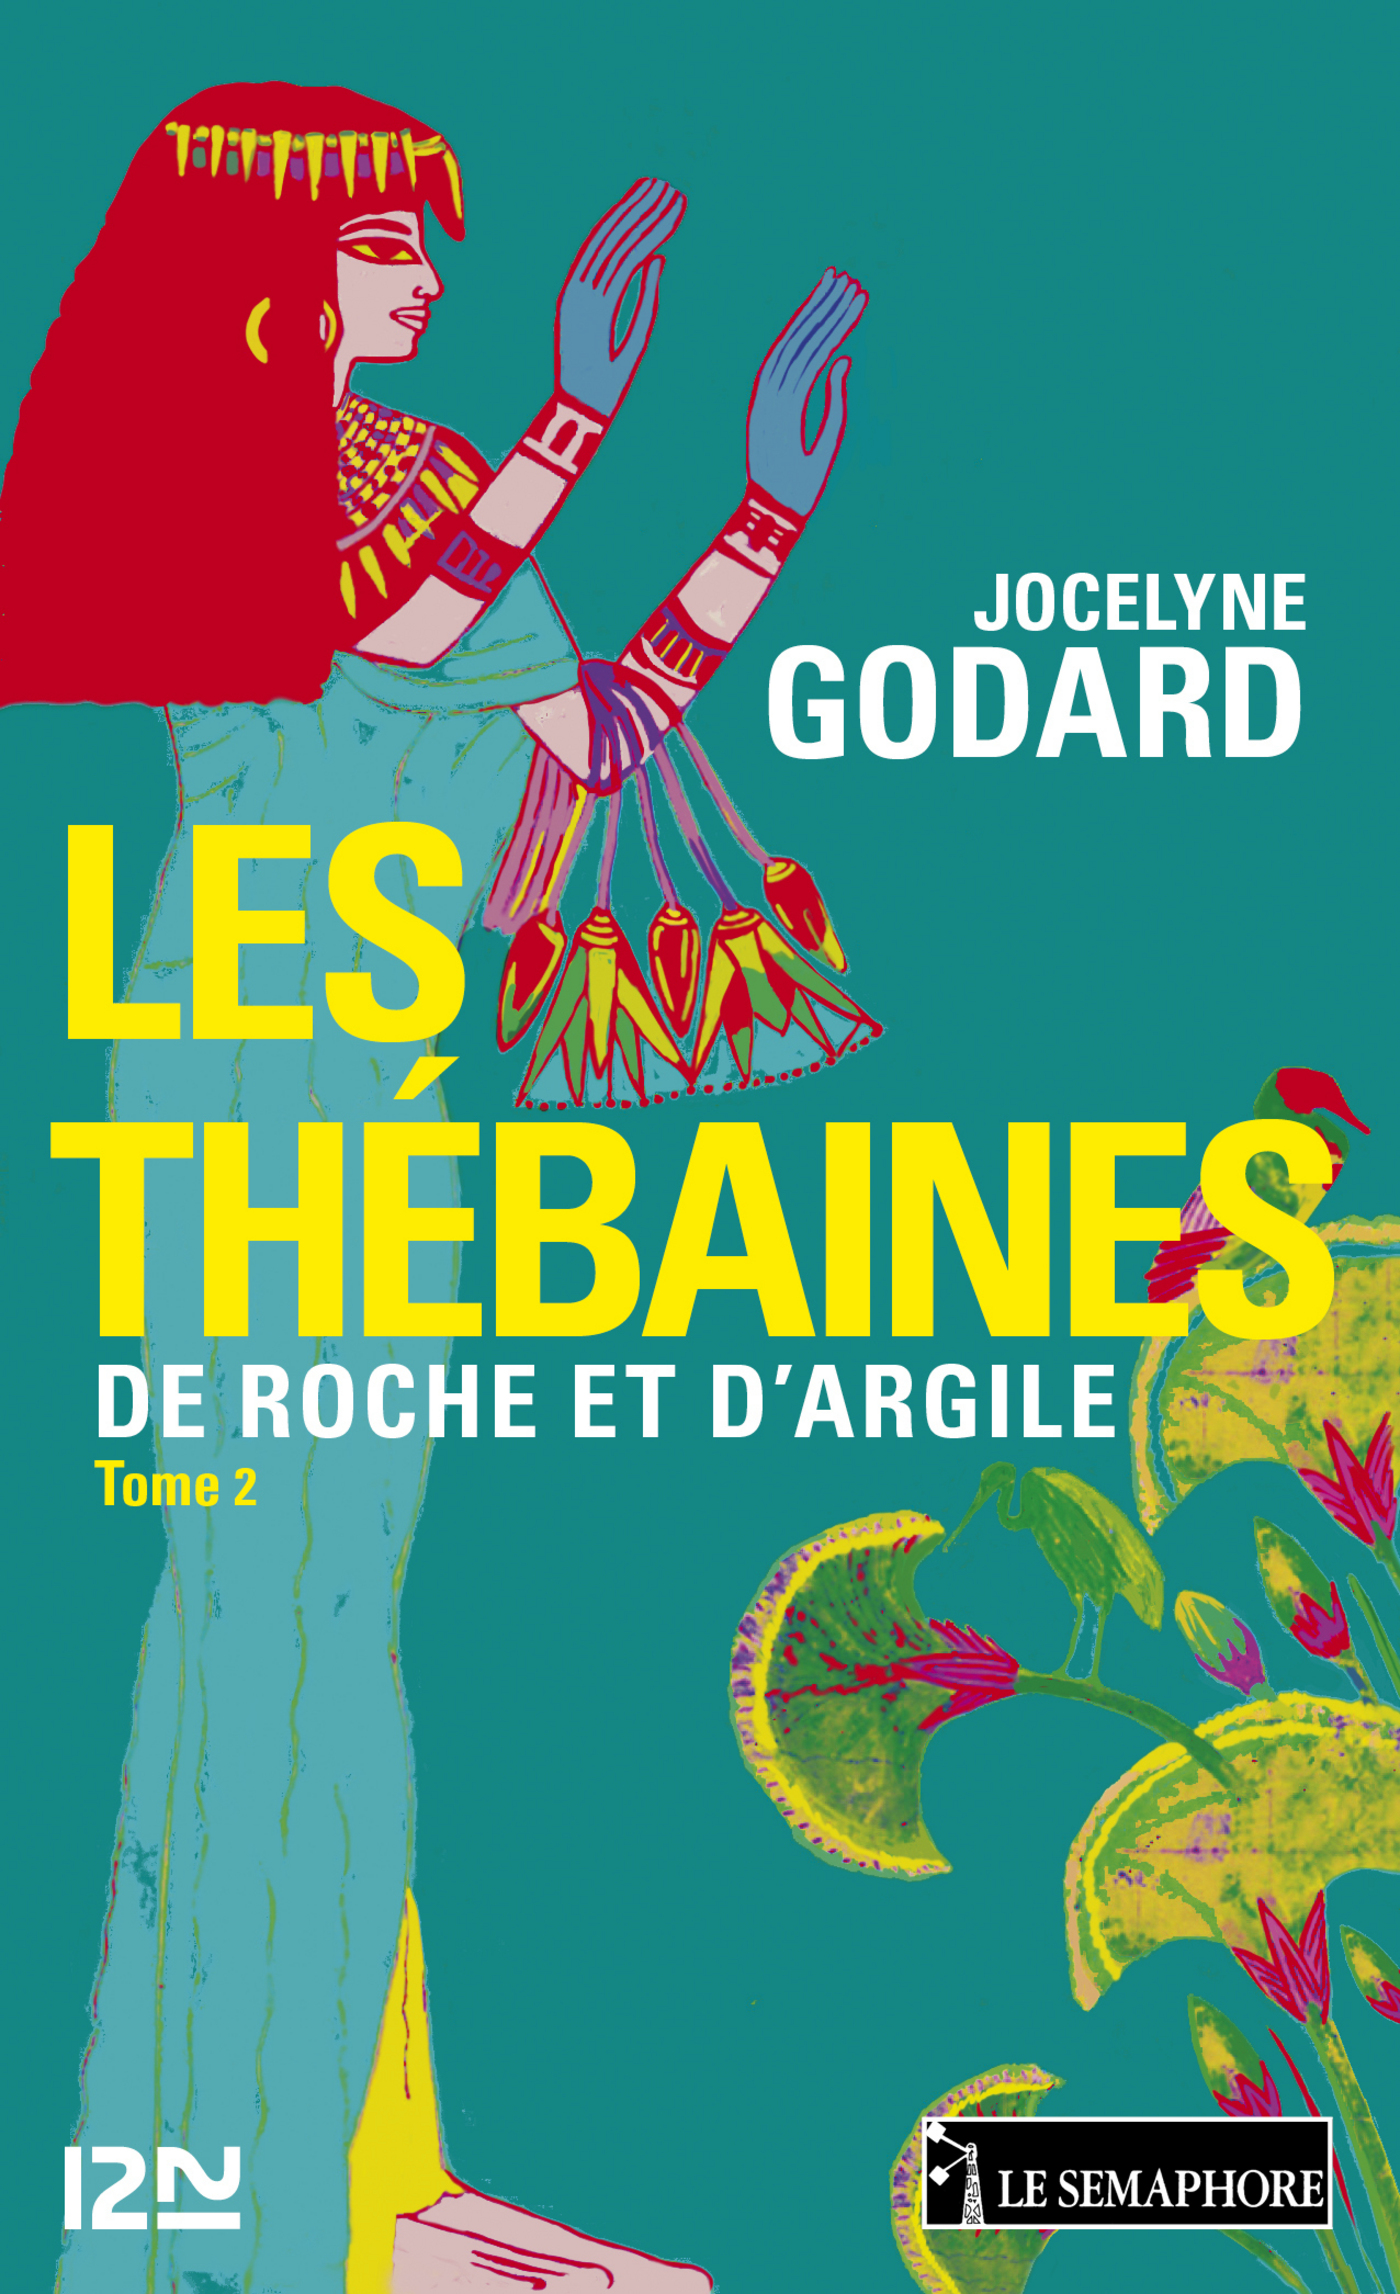 Les Thébaines - tome 2 | GODARD, Jocelyne